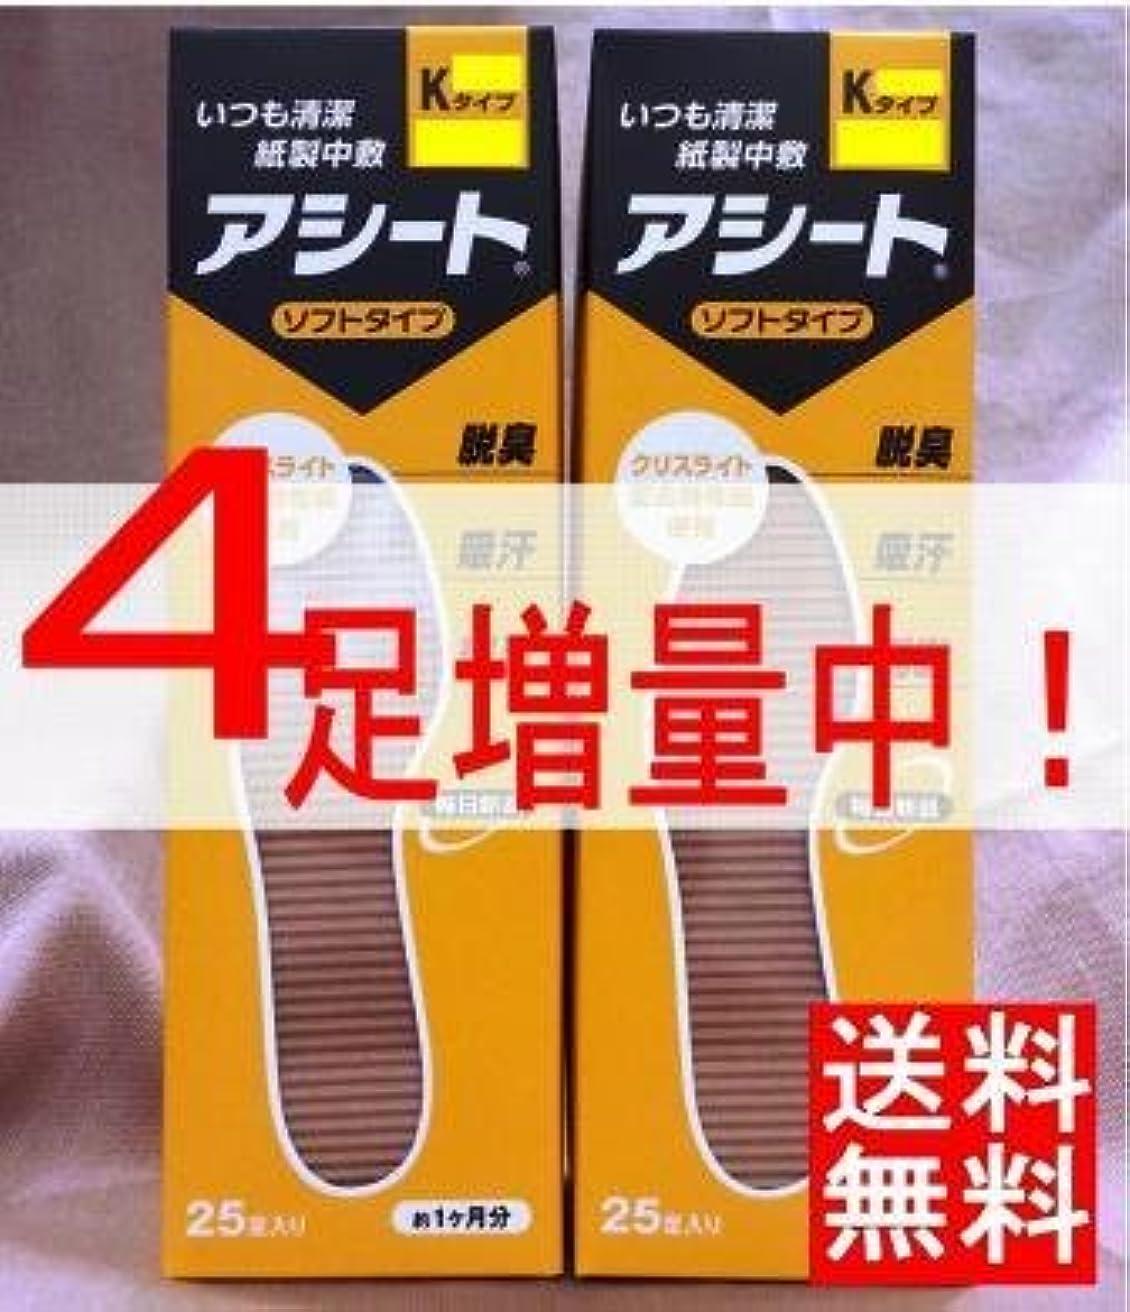 まばたき到着する軽量アシートK(サイズ24cm)×2箱セット(4足増量中)